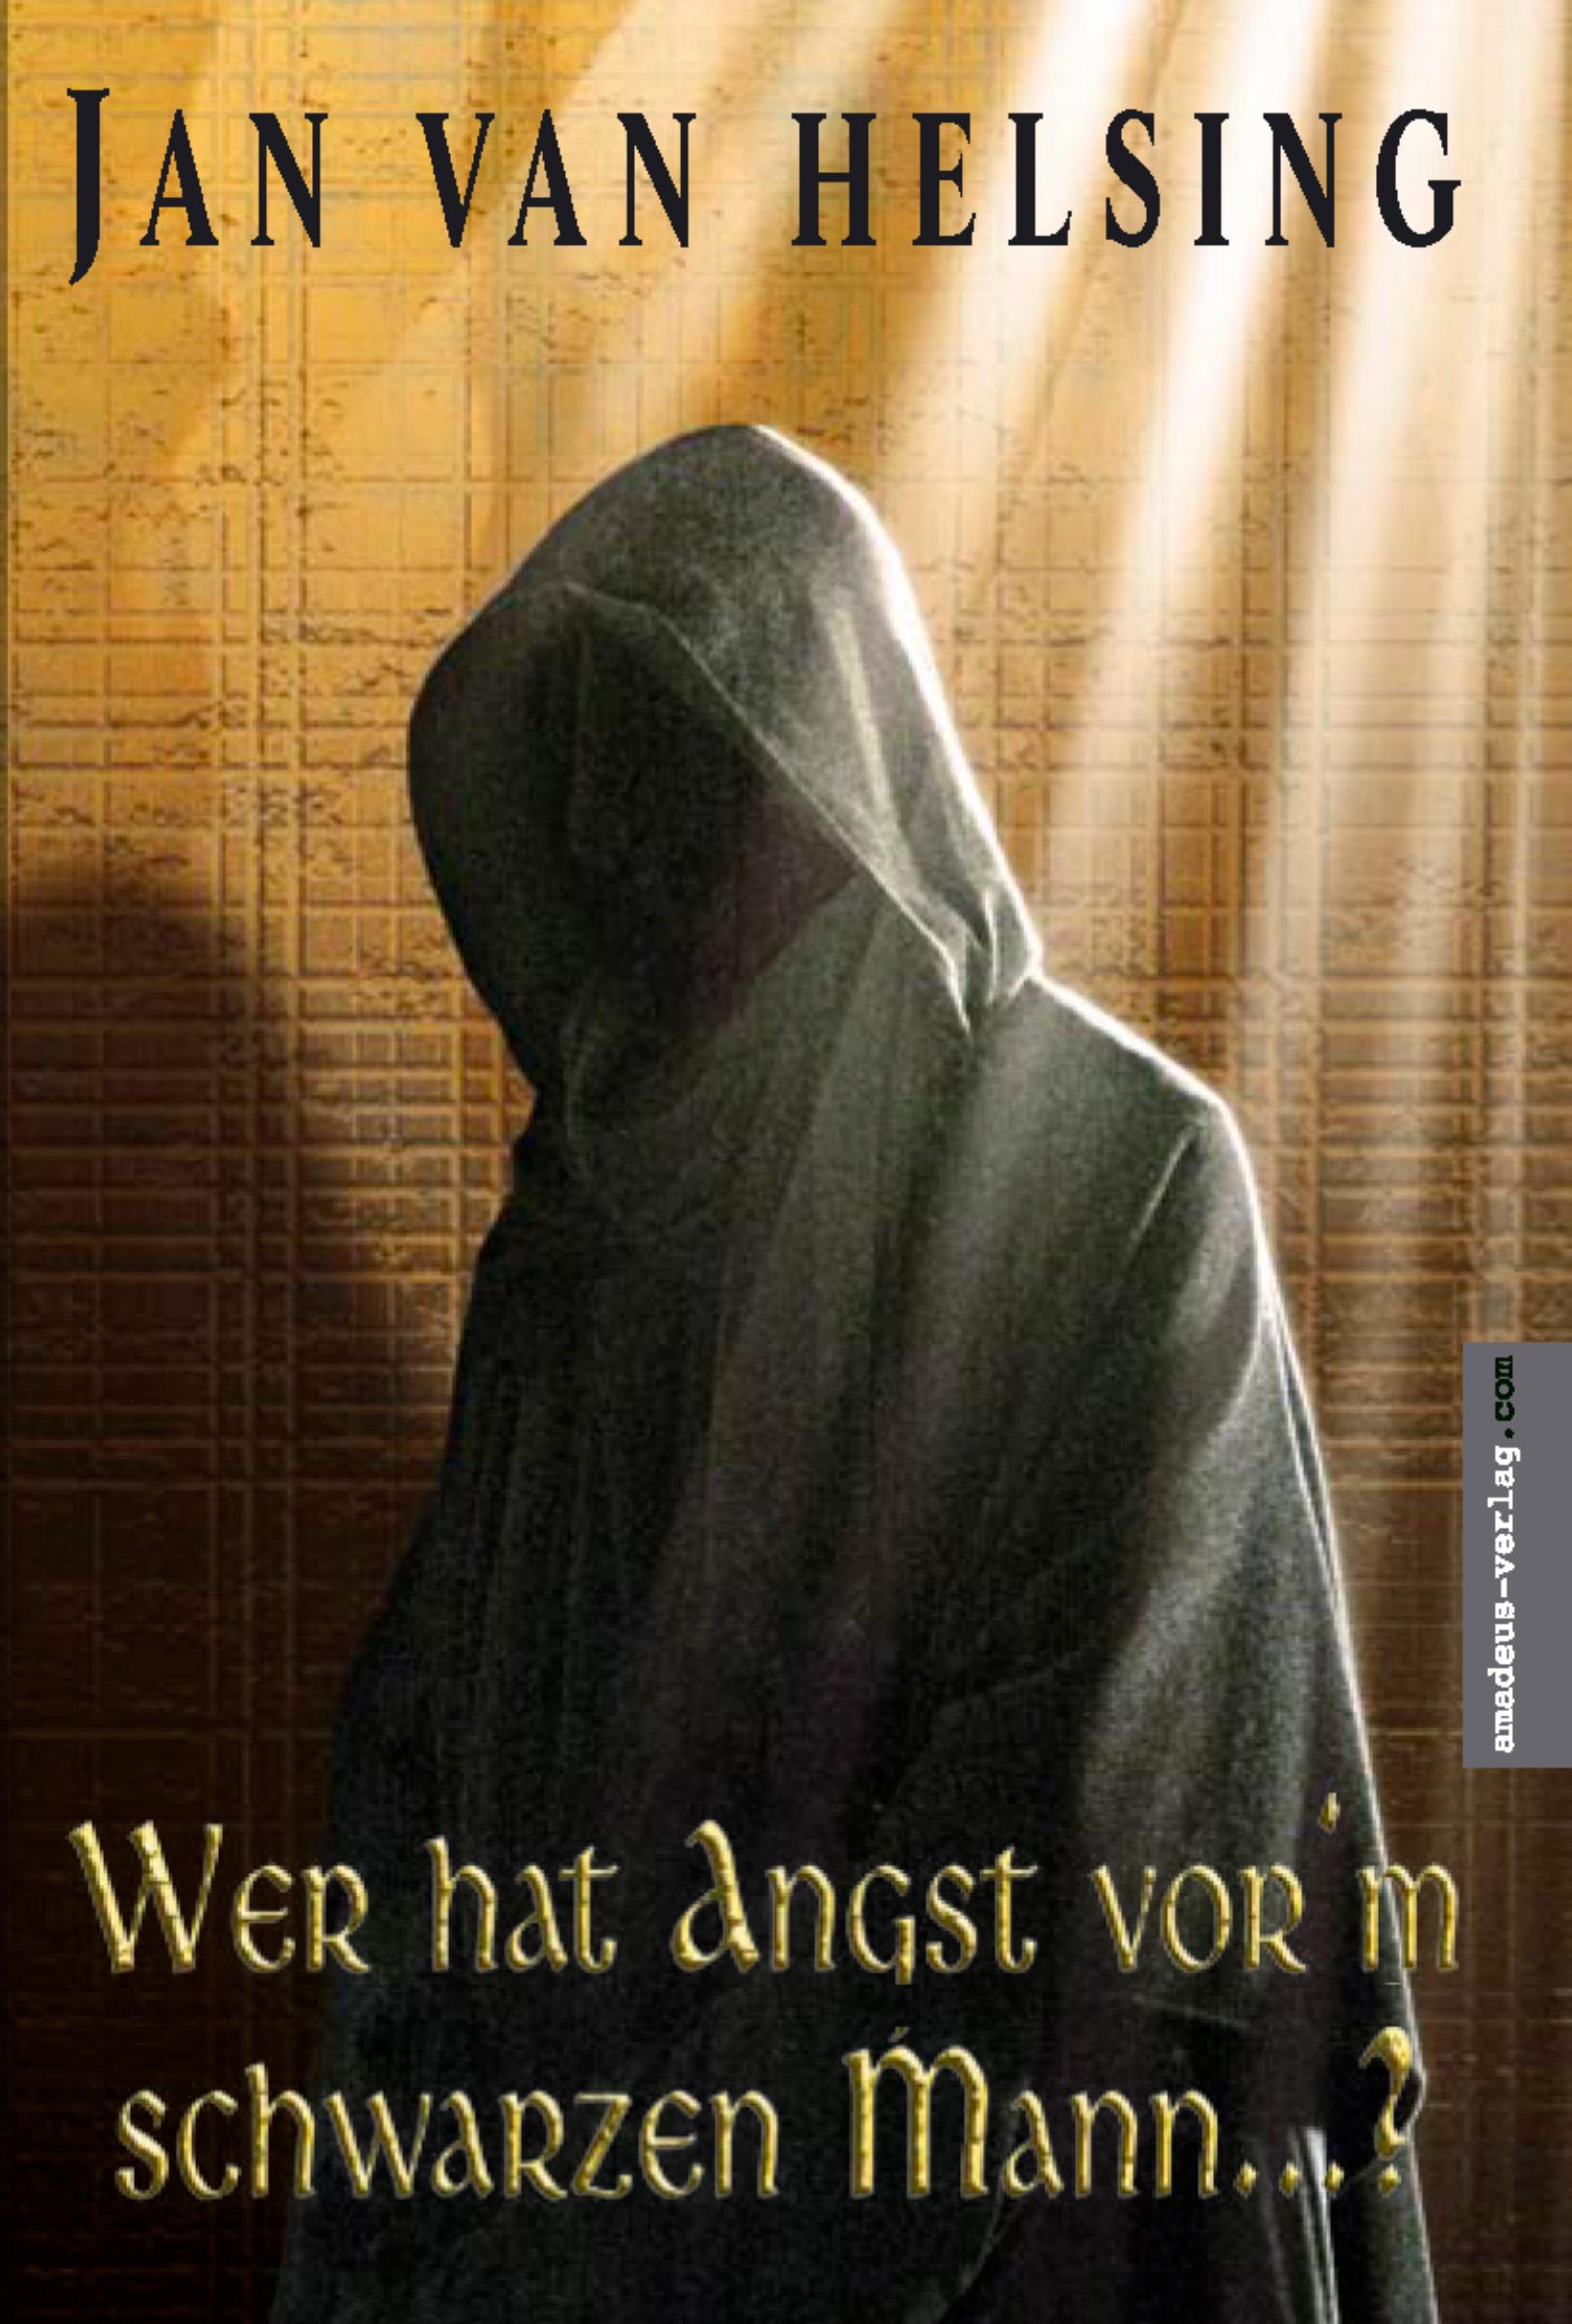 Cover-Wer-hat-Angst-vorm-schwarzen-Mann-Vorentwurf-fur-Werbung